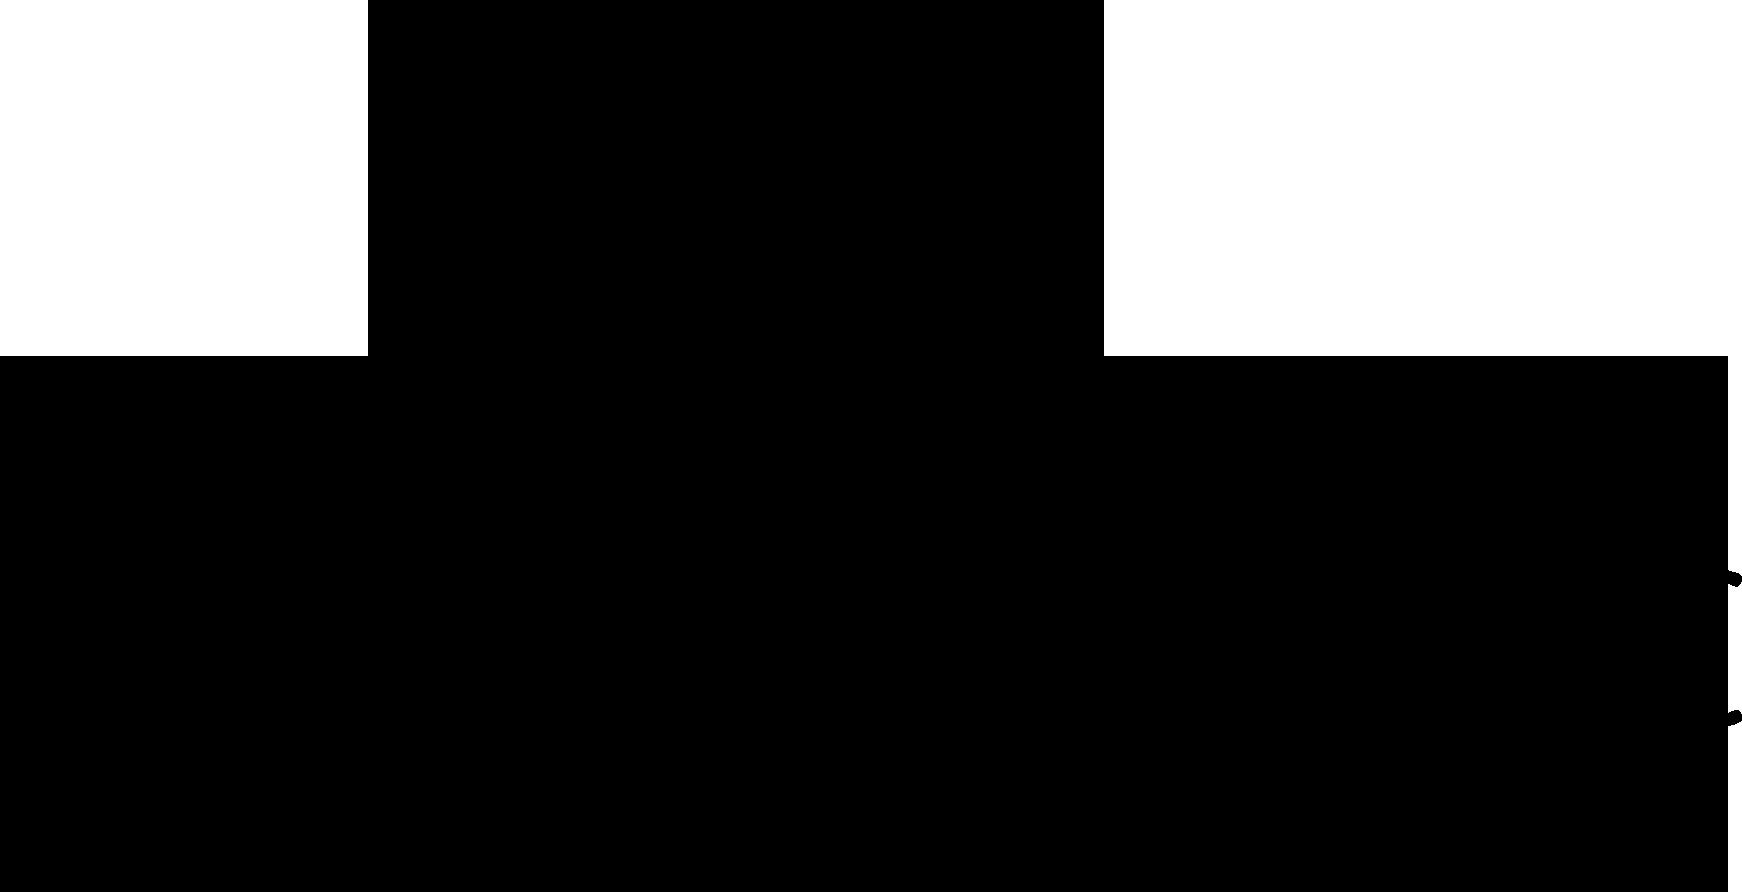 Logo zwart elislaserclinickopie